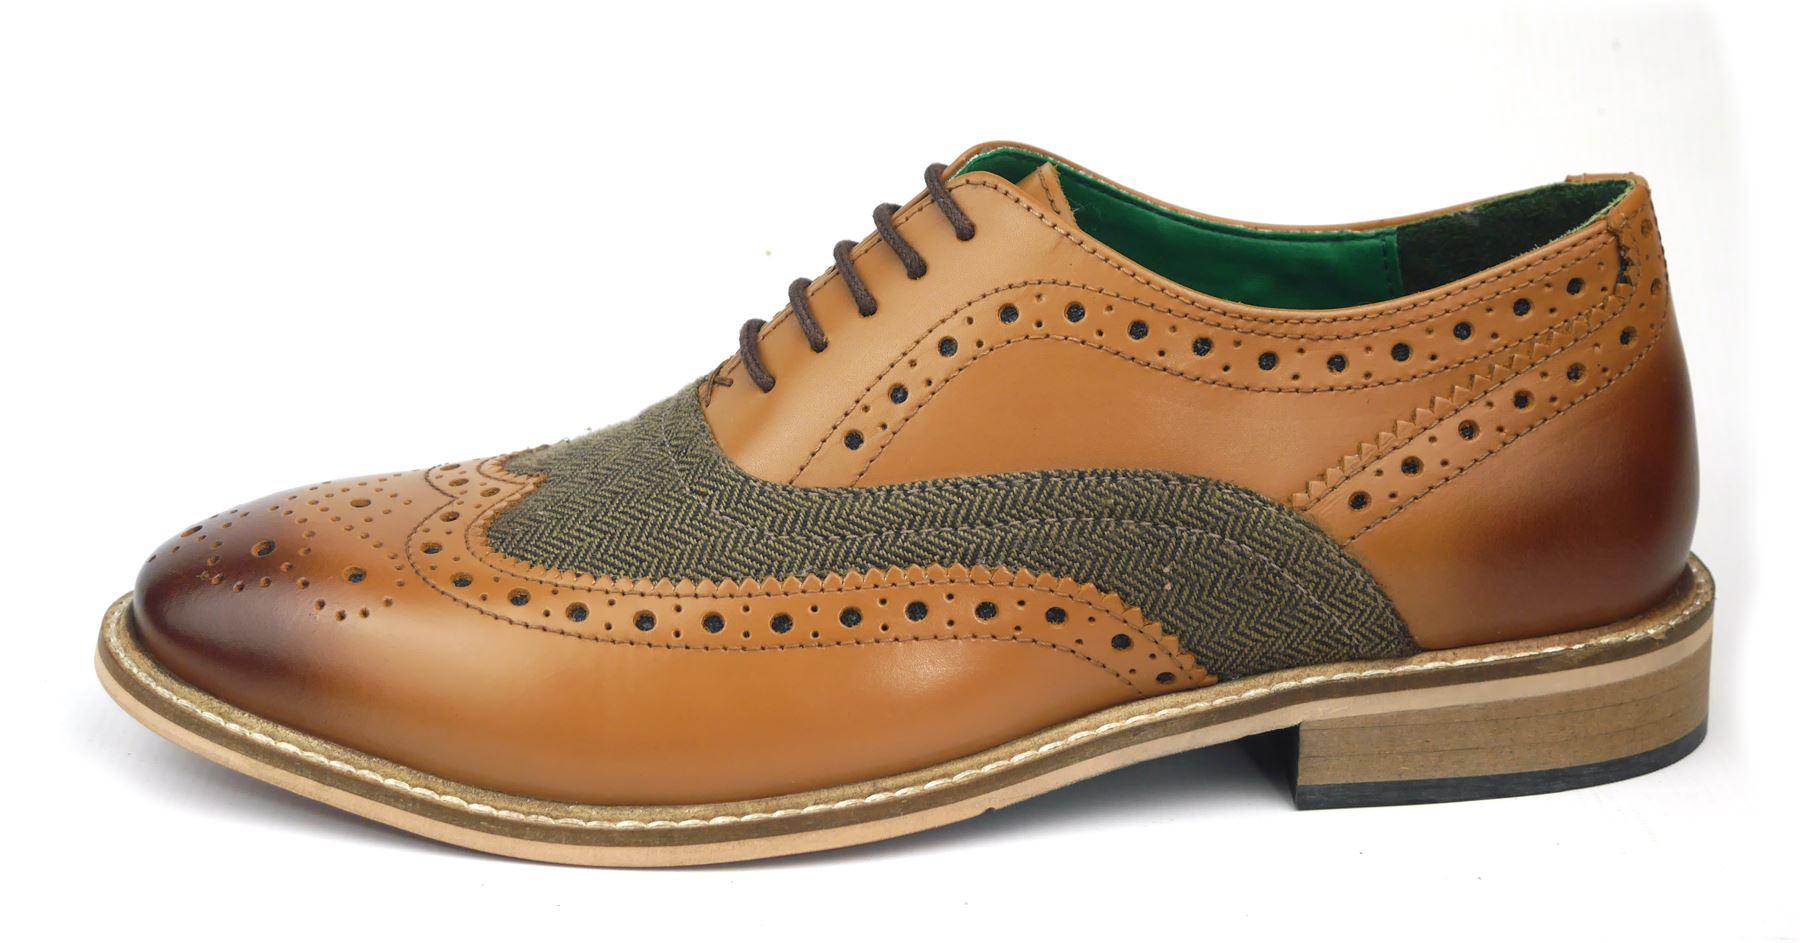 Frank james Parker Chaussures Richelieu 1920 Habillé à Lacets Homme Cuir Fauve //